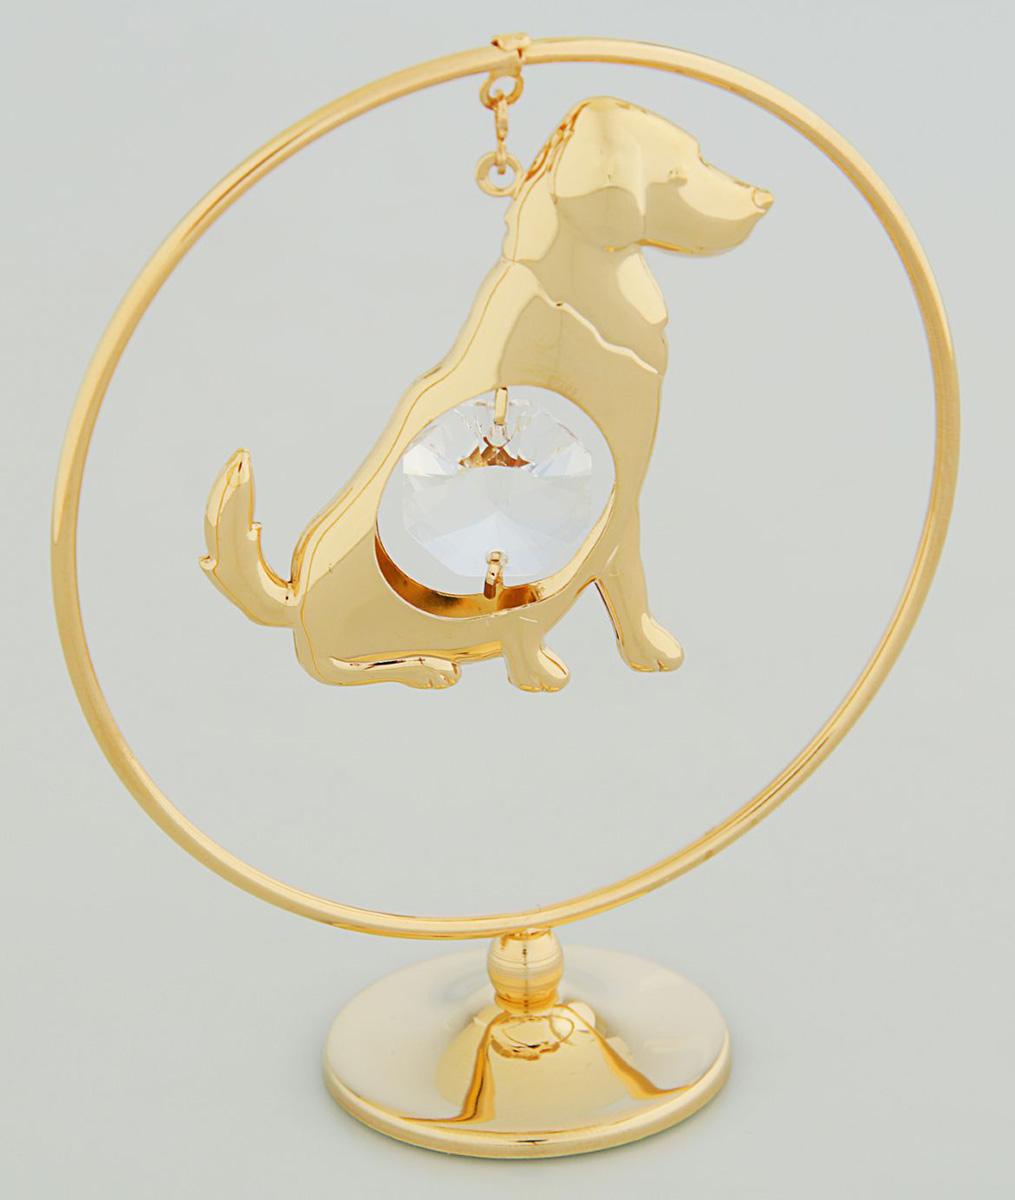 Миниатюра Собака в кольце, с кристаллами Сваровски, 8 х 5 х 10,2 см2071730Перед вами — сувенир в полном смысле этого слова. И главная его задача — хранить воспоминание о месте, где вы побывали, или о том человеке, который подарил данный предмет. Преподнесите эту вещь своему другу, и она станет достойным украшением его дома.